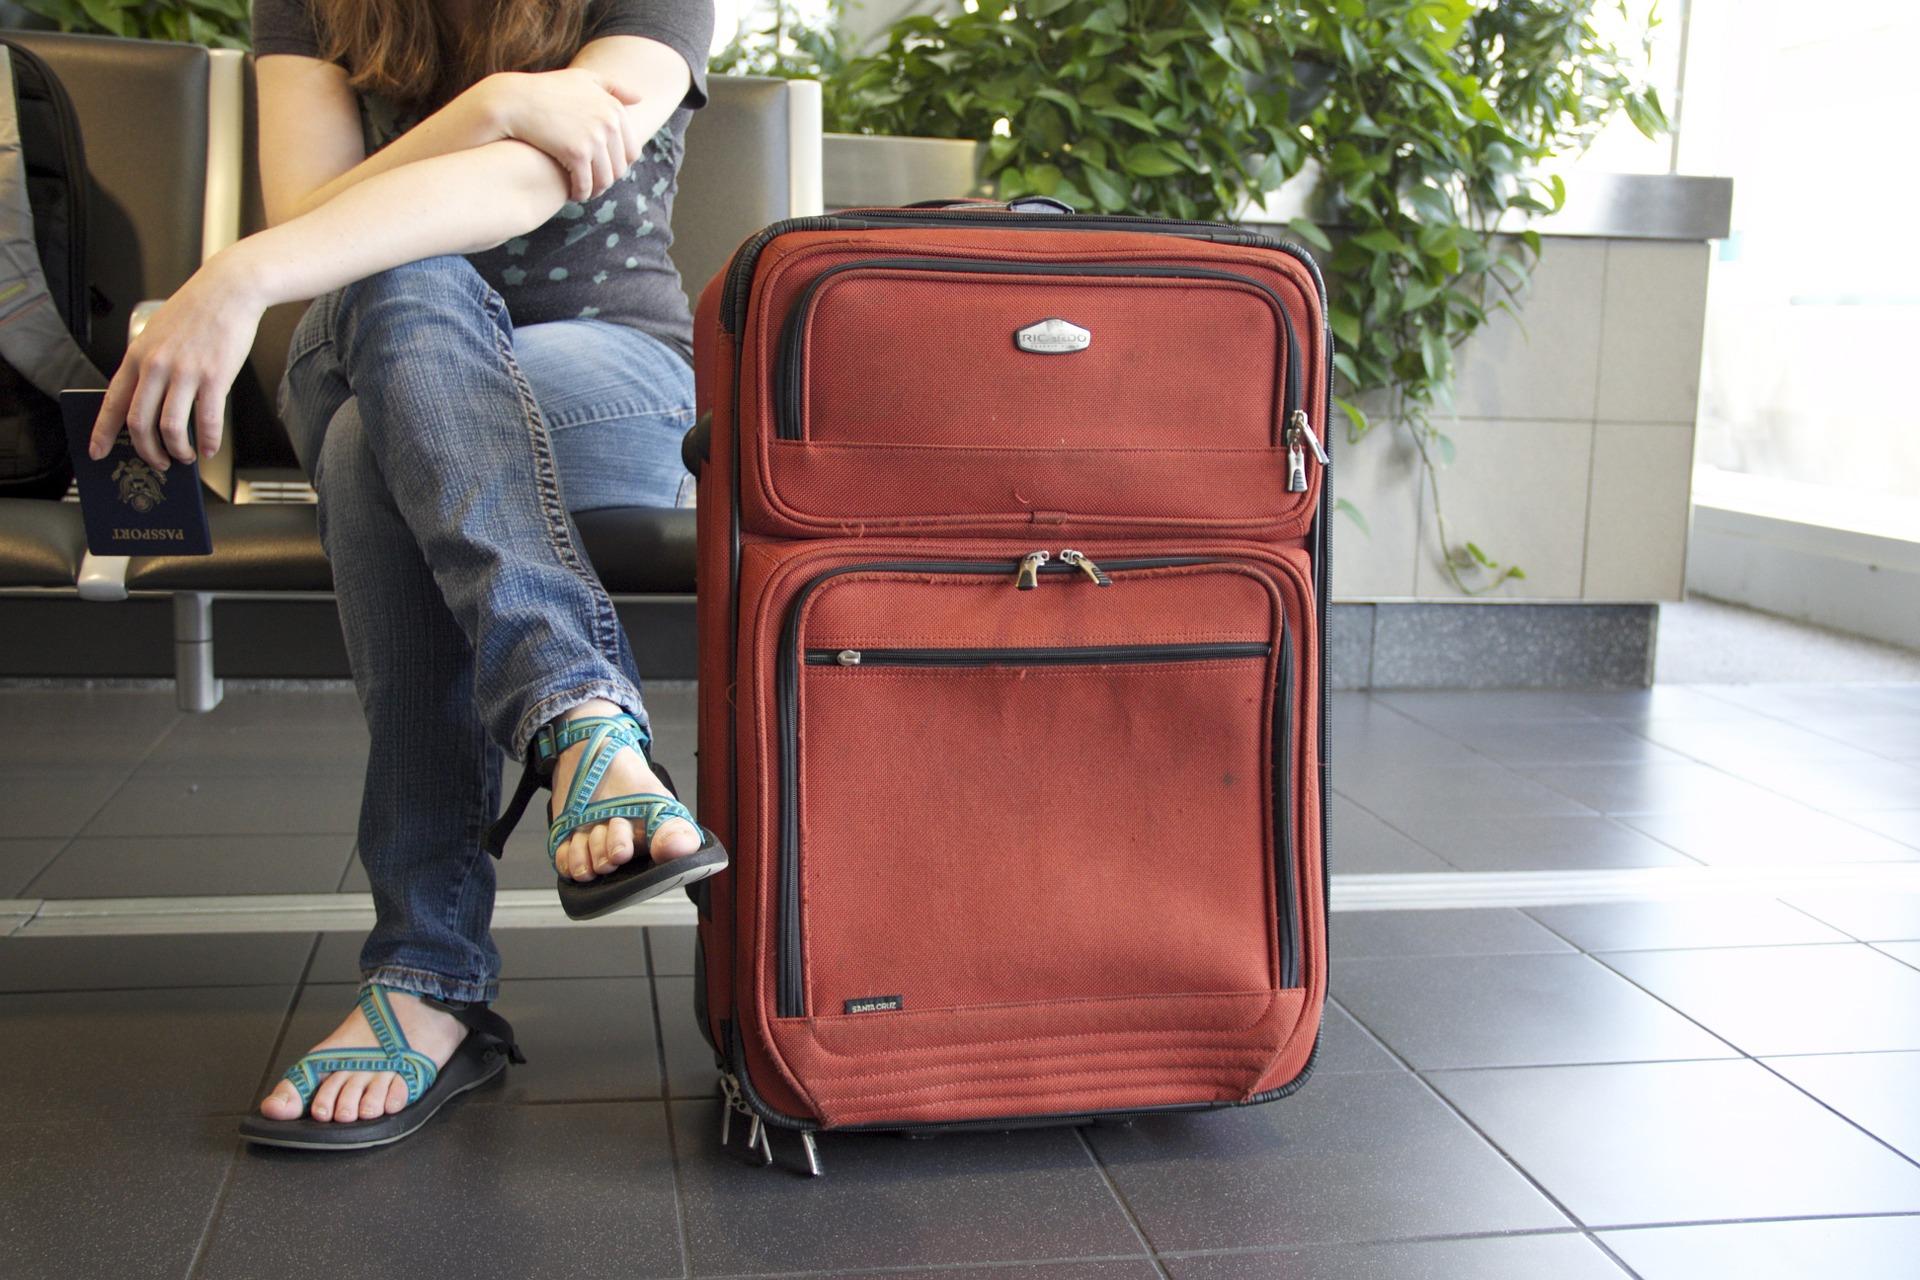 Wyjazd za granicę do pracy. Zobacz, co musisz ze sobą zabrać! - Zdjęcie główne